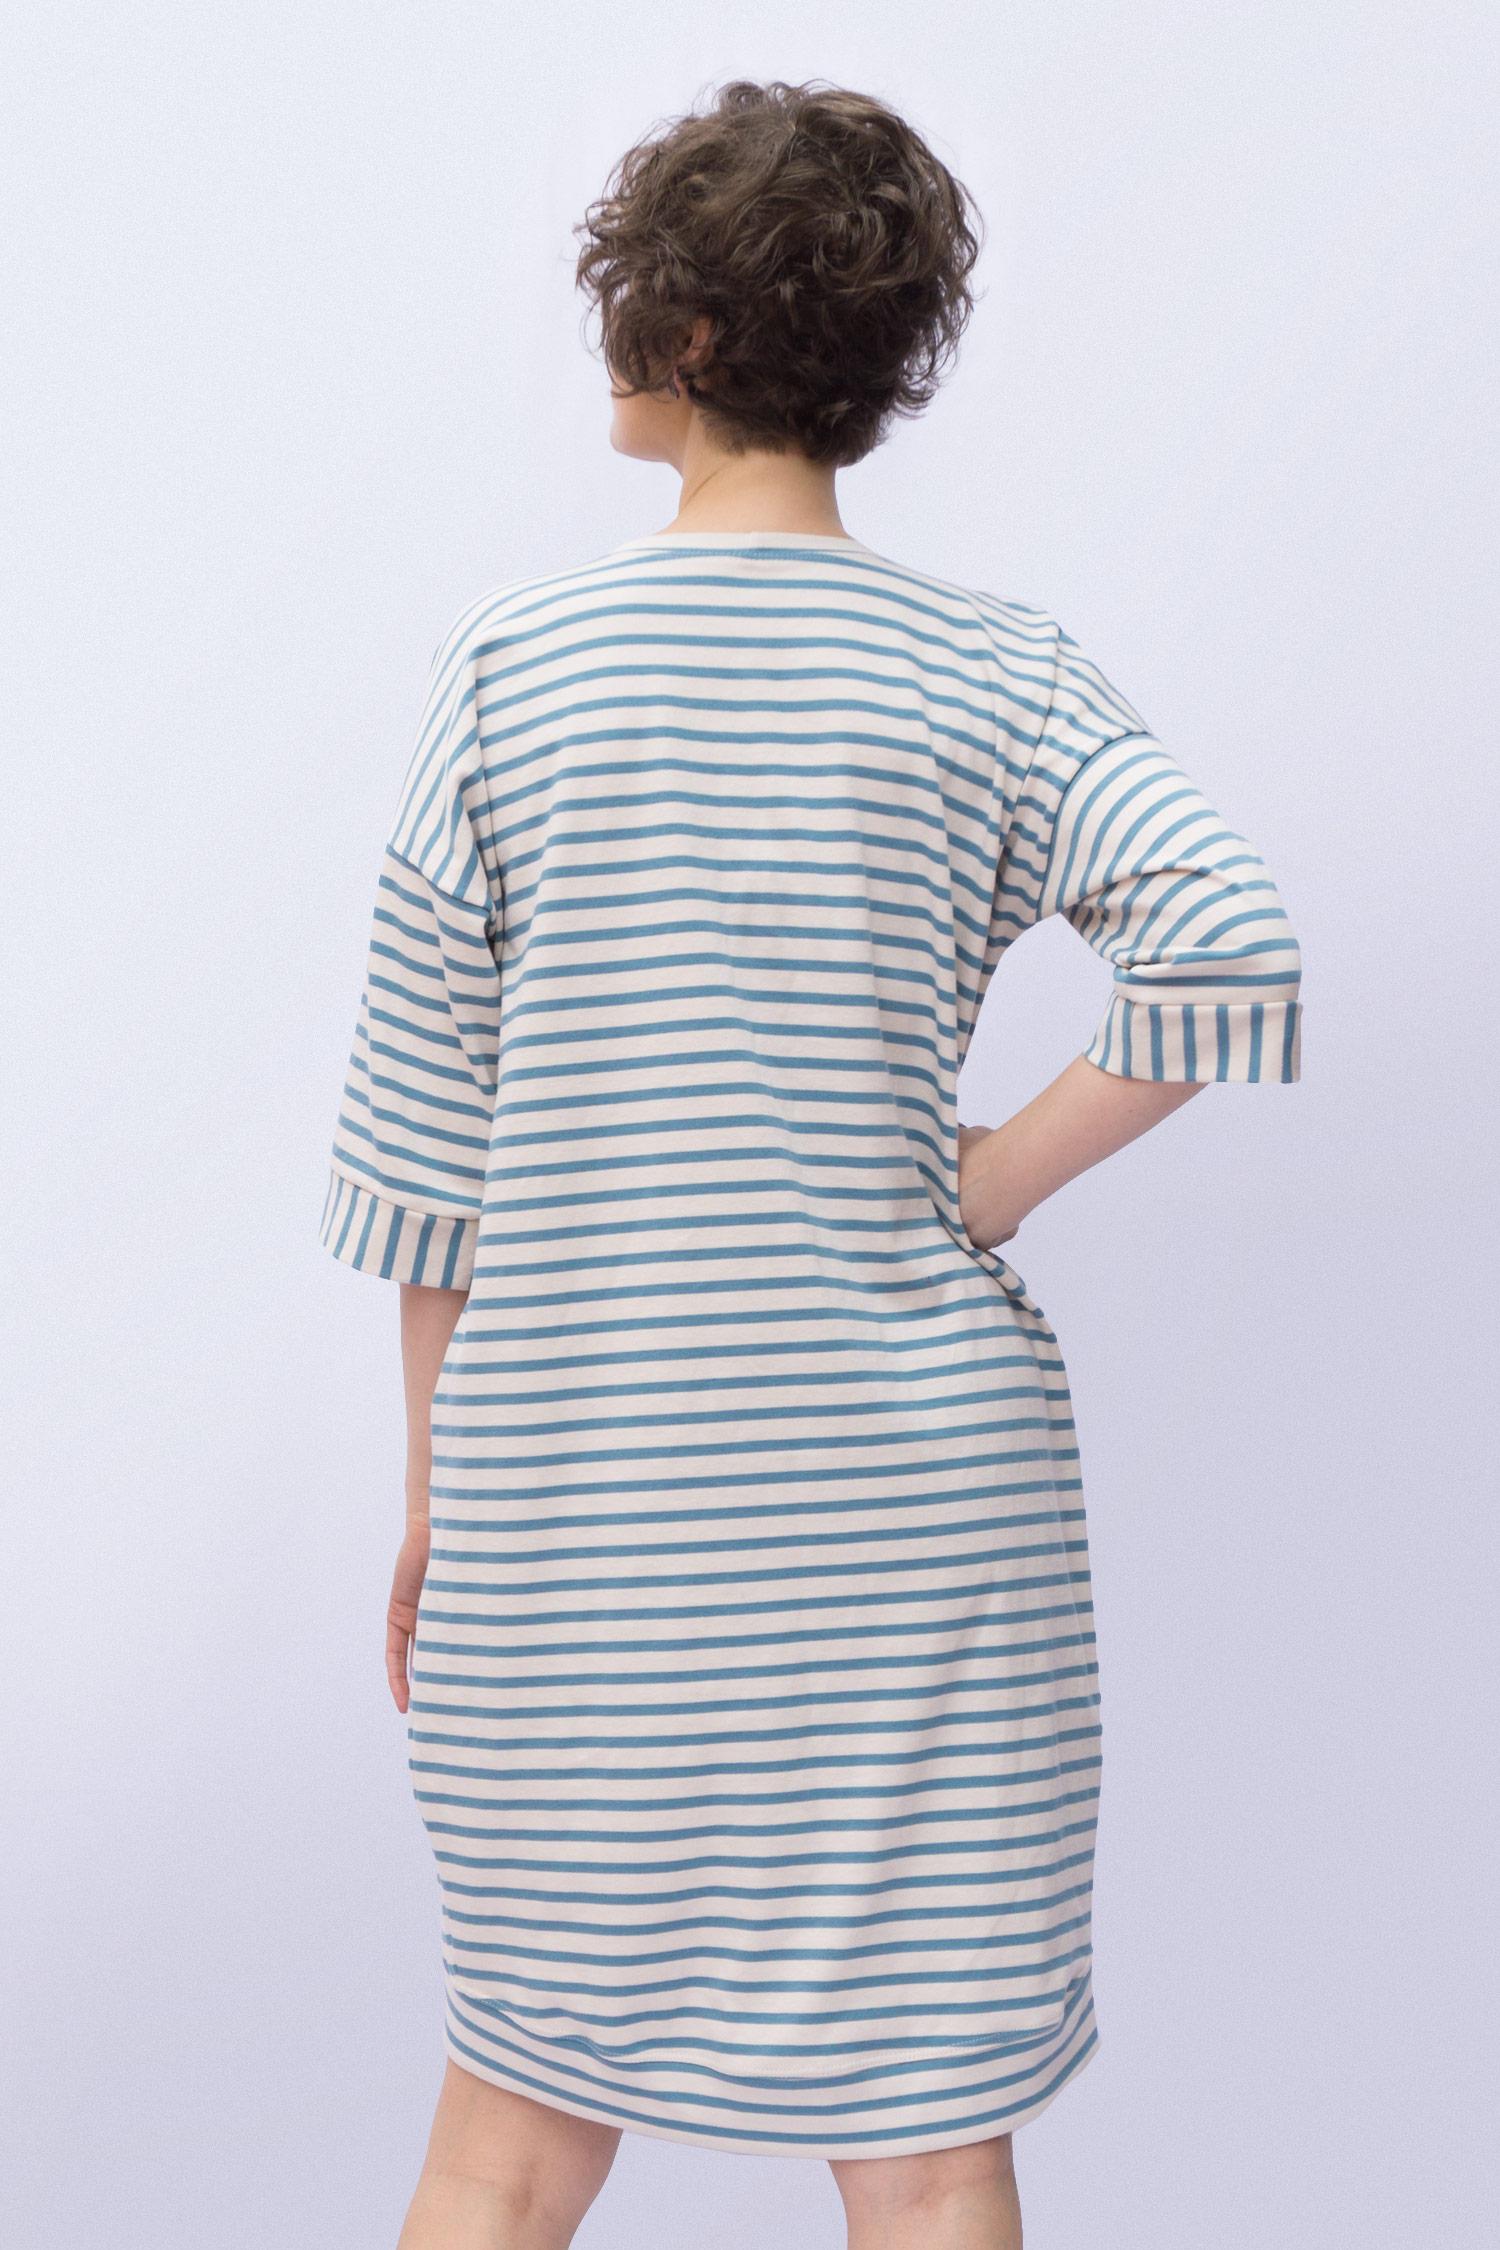 Lou Box Dress 1, View A back